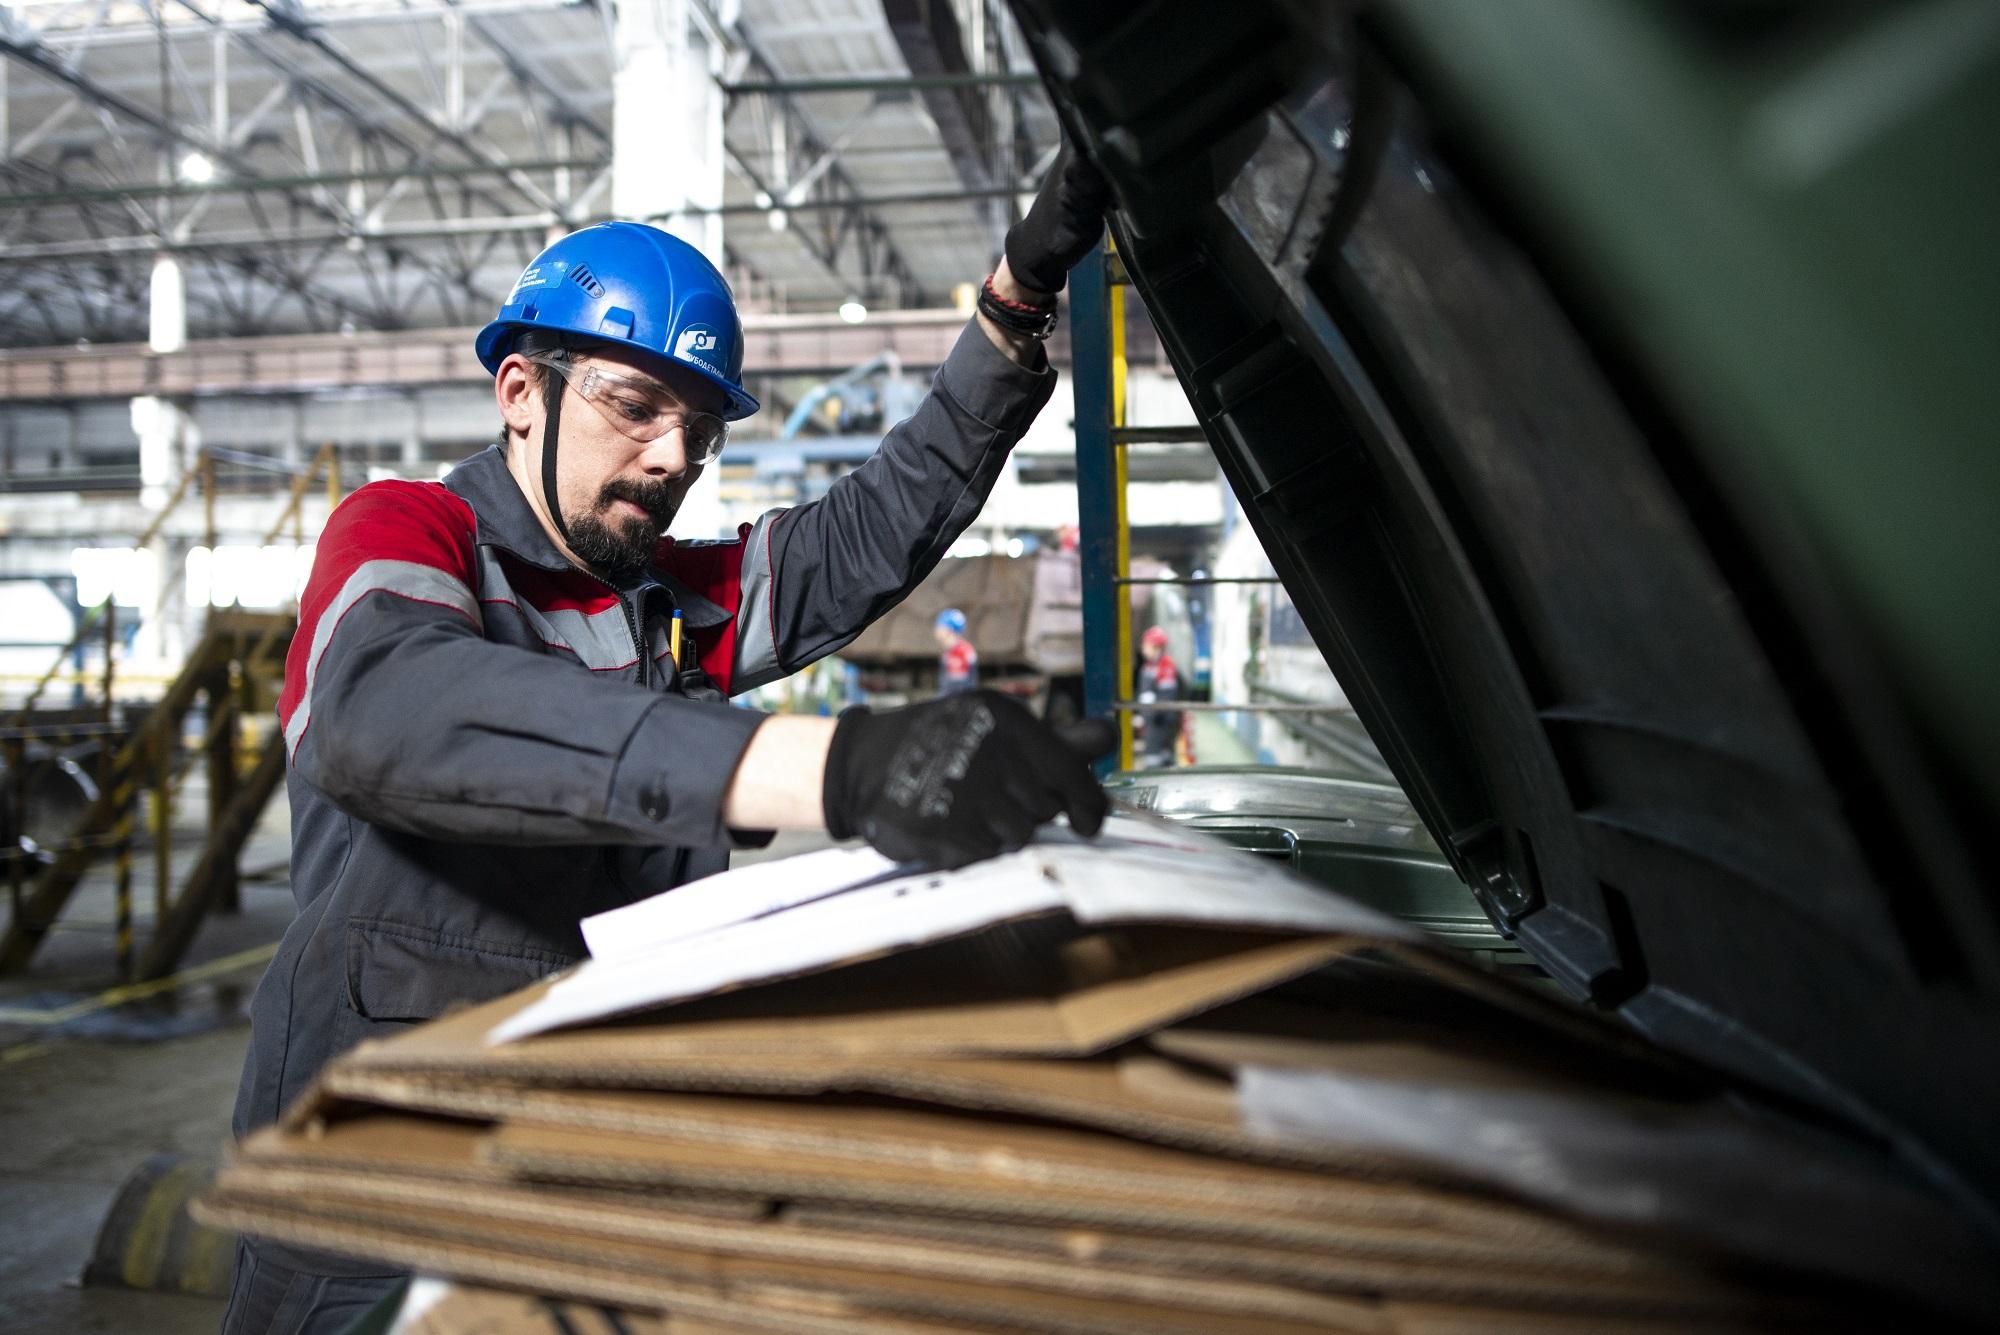 Завод «Трубодеталь» в 2019 году утилизировал 93% своих промышленных отходов